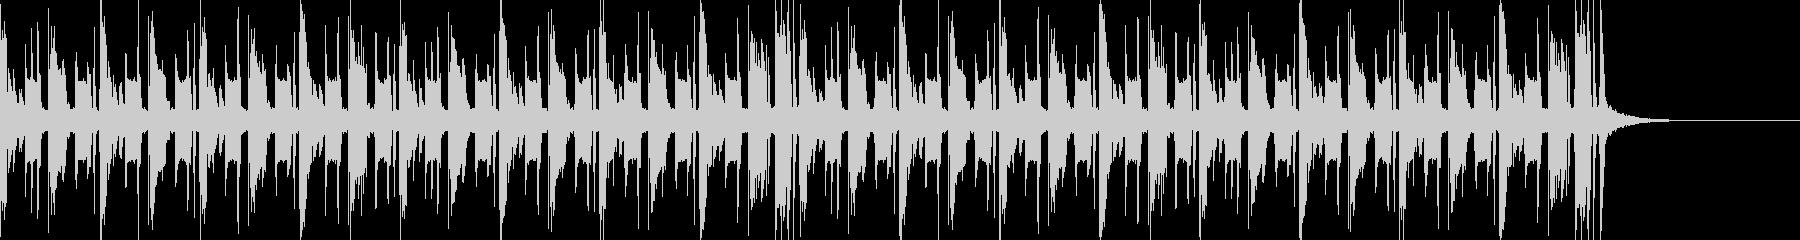 エレクトロニカなジングルの未再生の波形